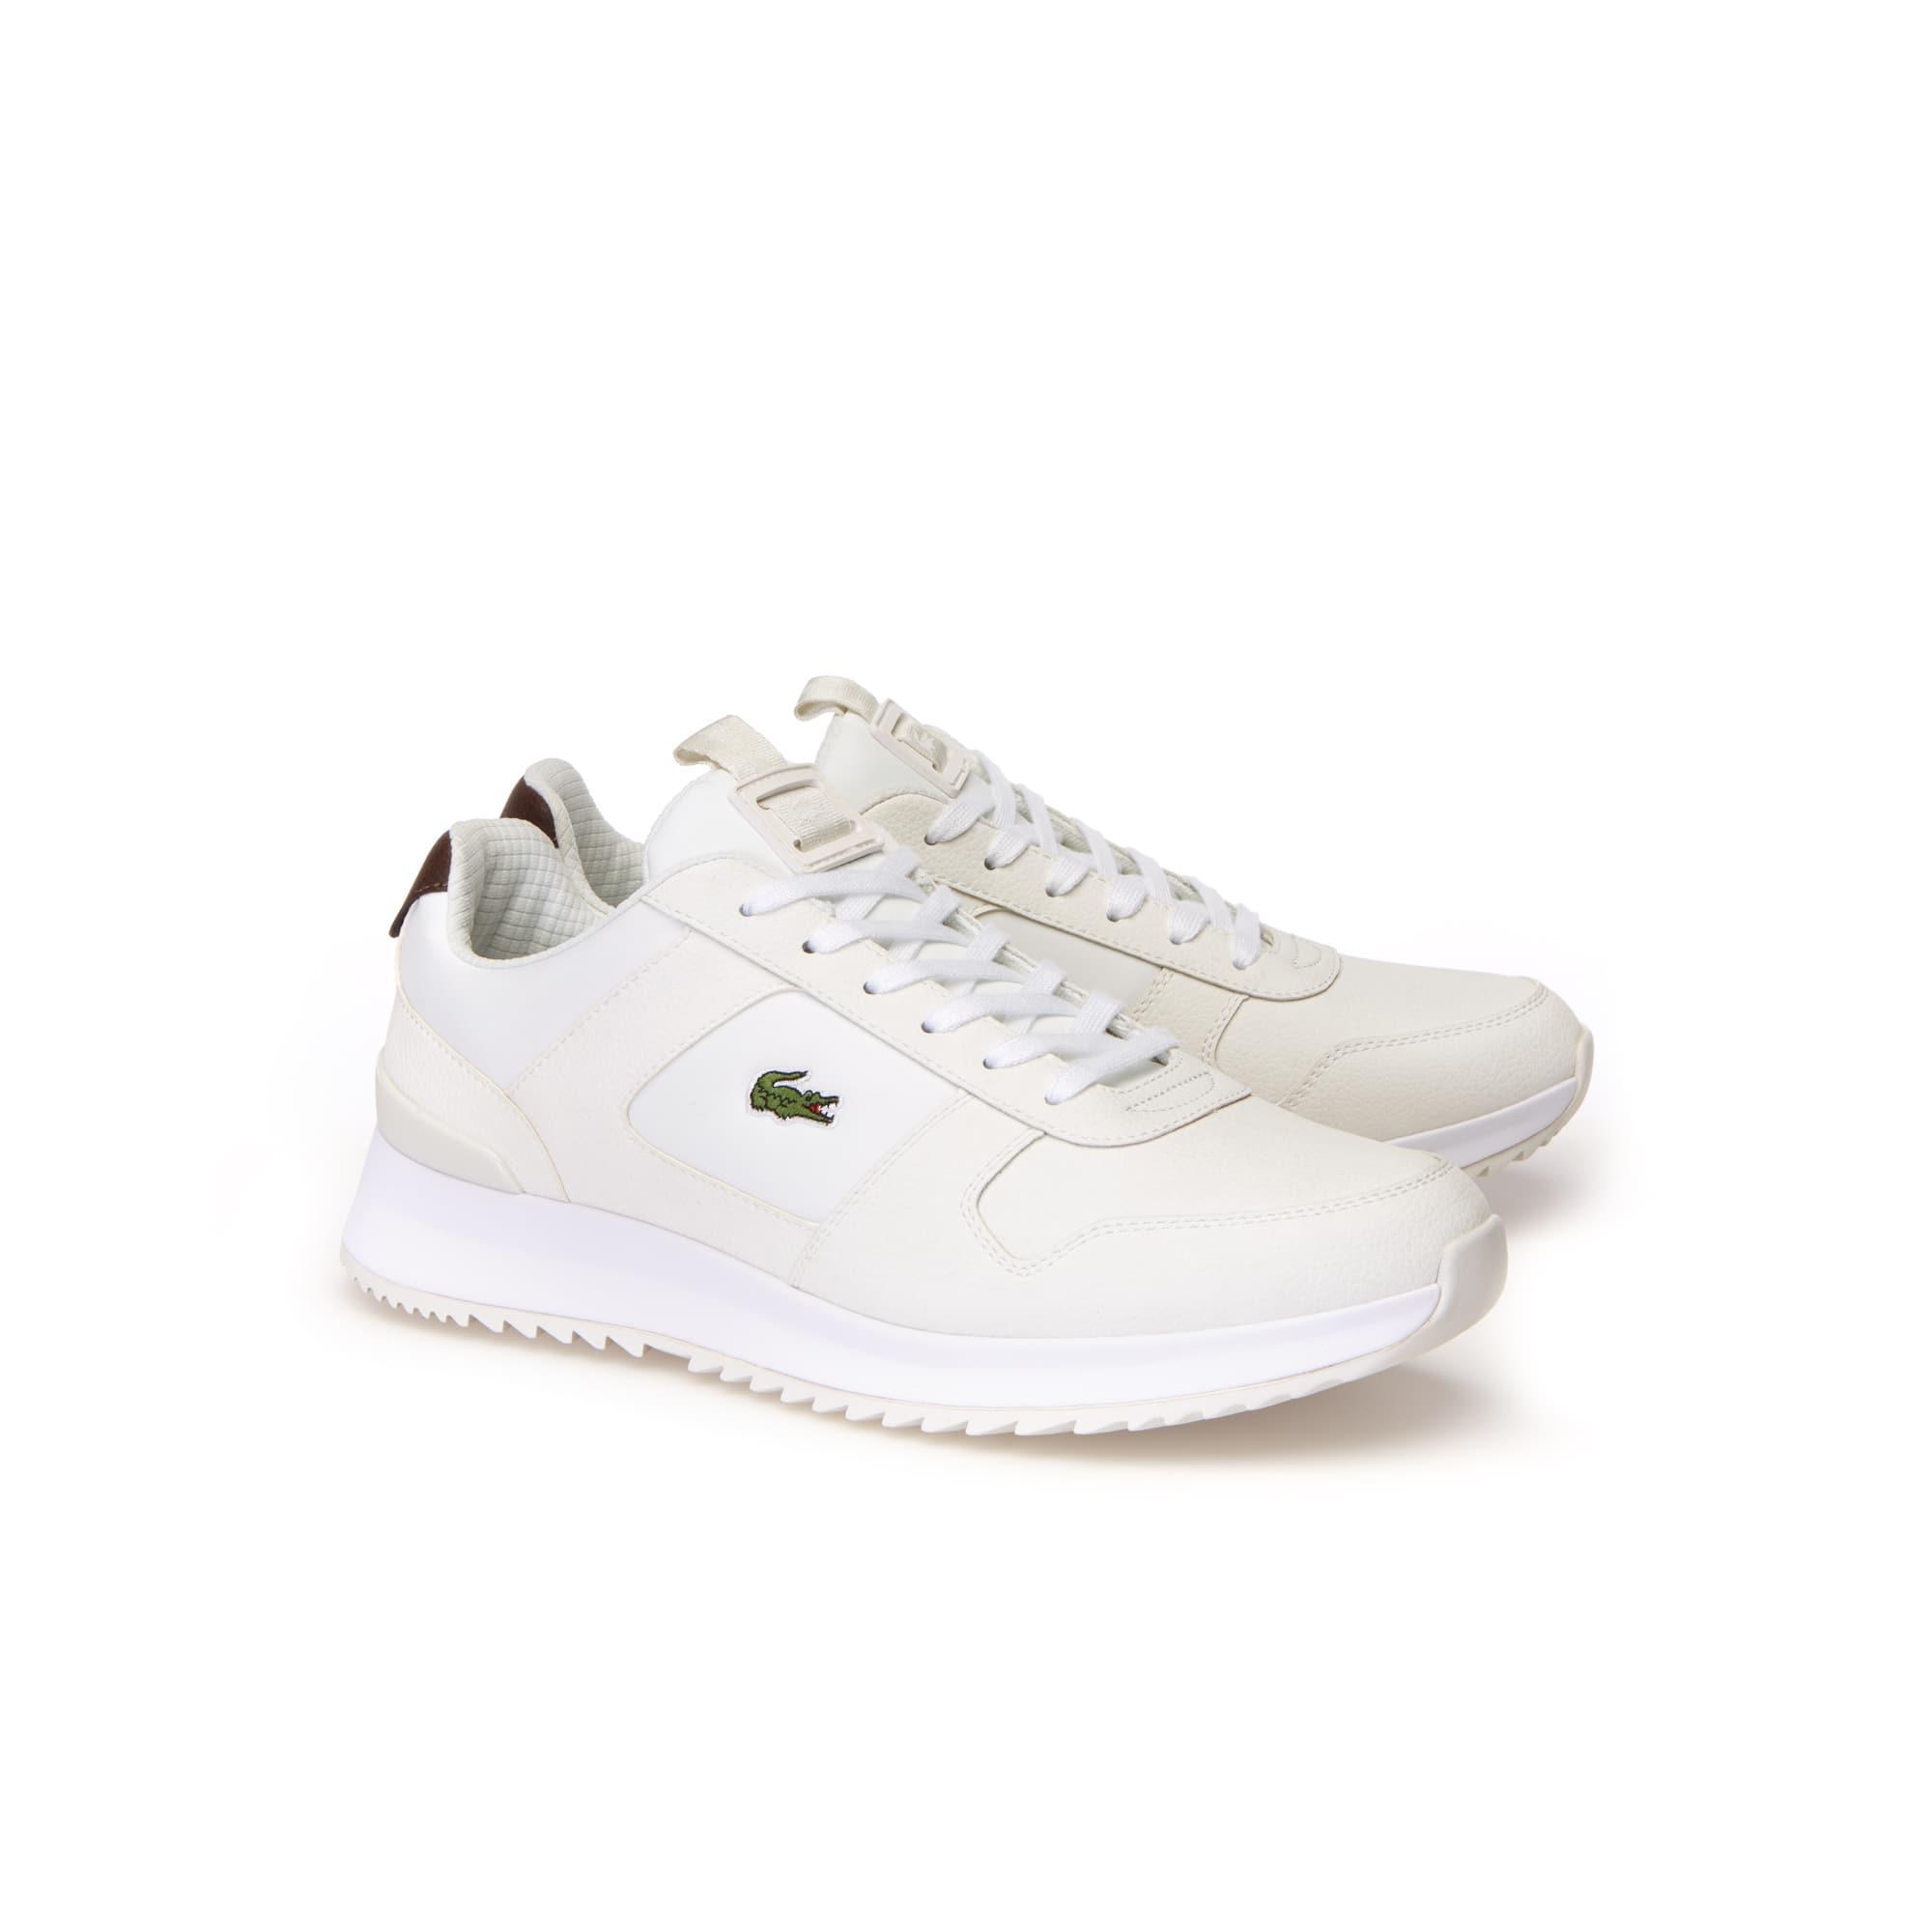 242e9a4125270 Sneakers Joggeur 2.0 homme en cuir   LACOSTE